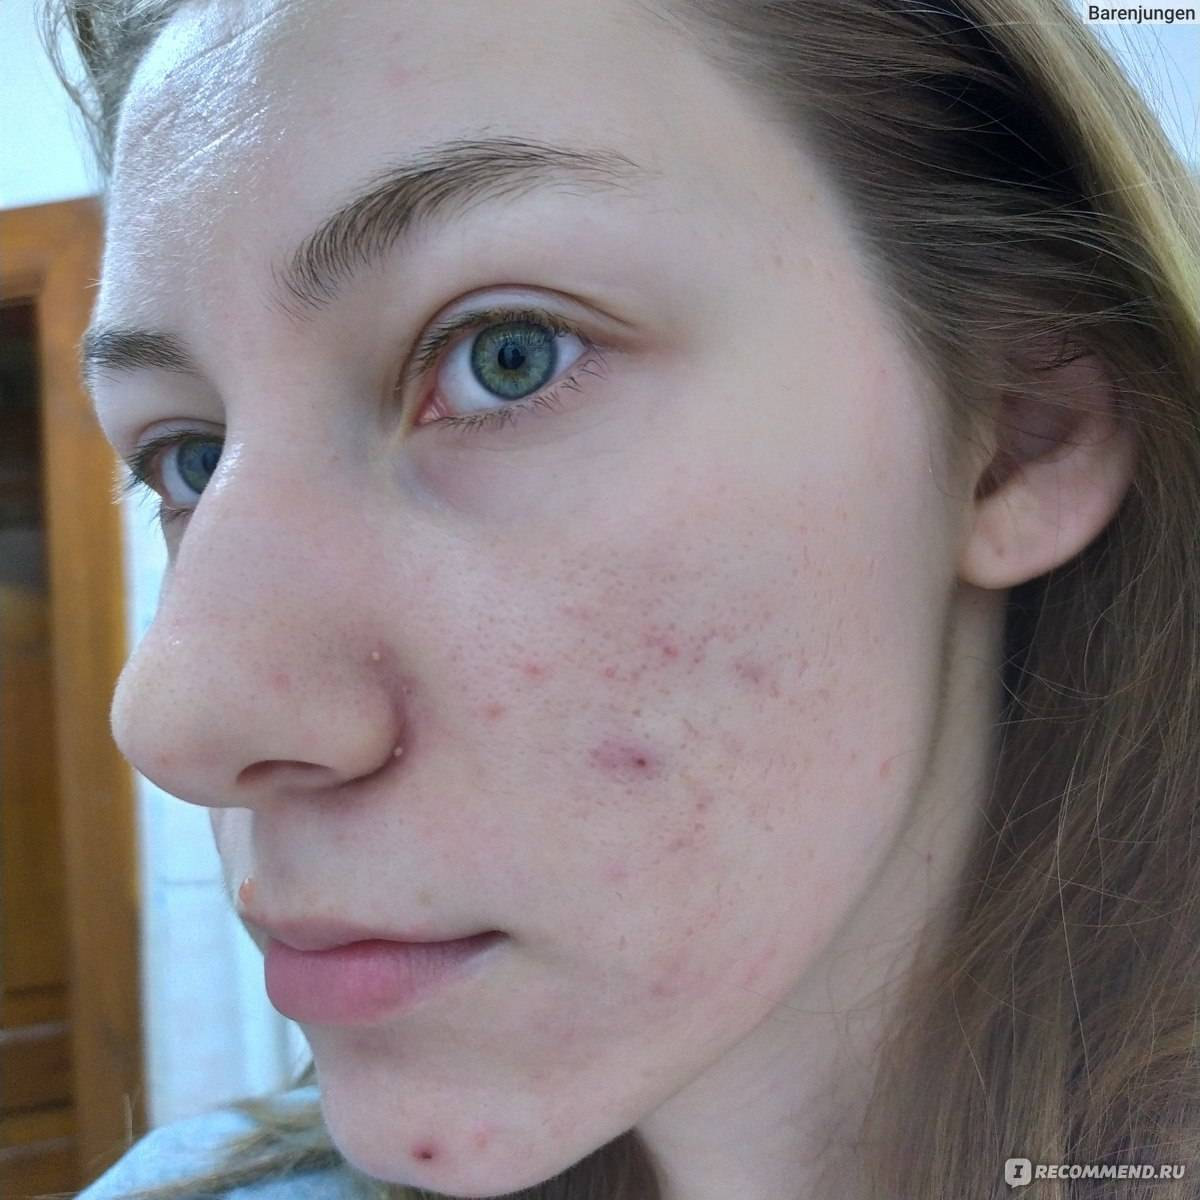 Как выглядит аллергия — обзор самых распространенных симптомов и советы как распознать и вылечить аллергию (75 фото)